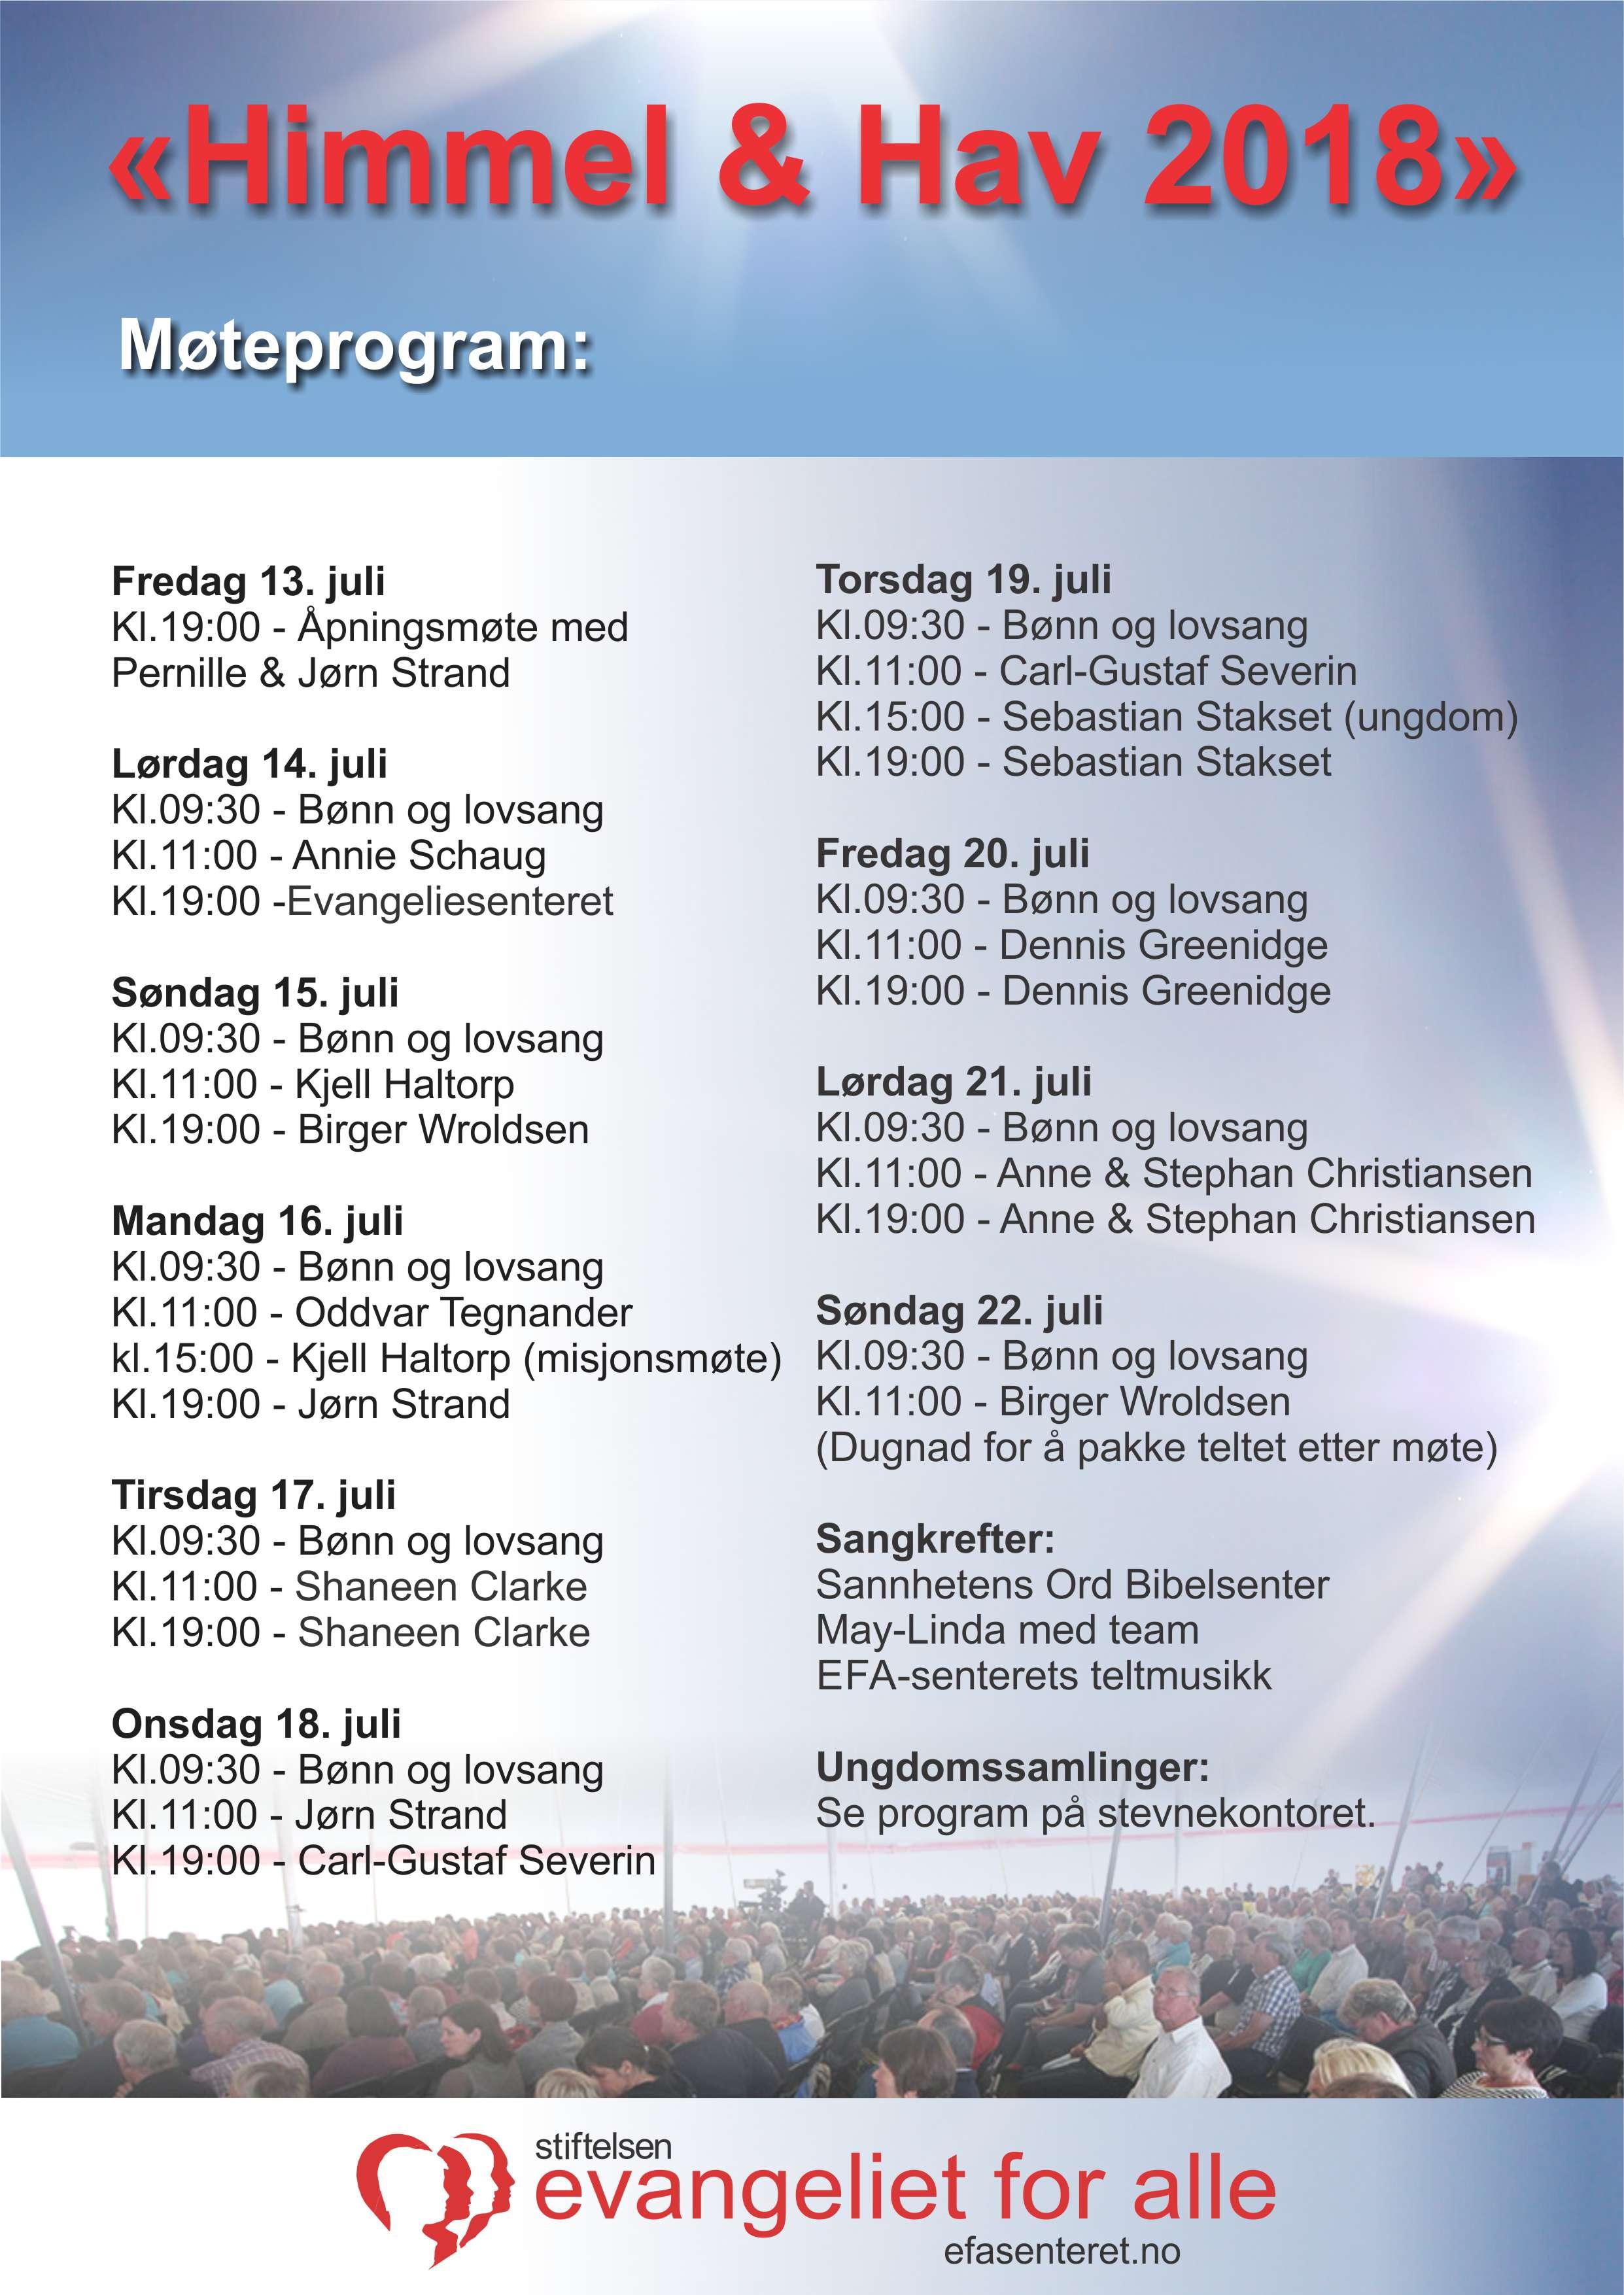 Møteprogram Himmel & Hav 2018